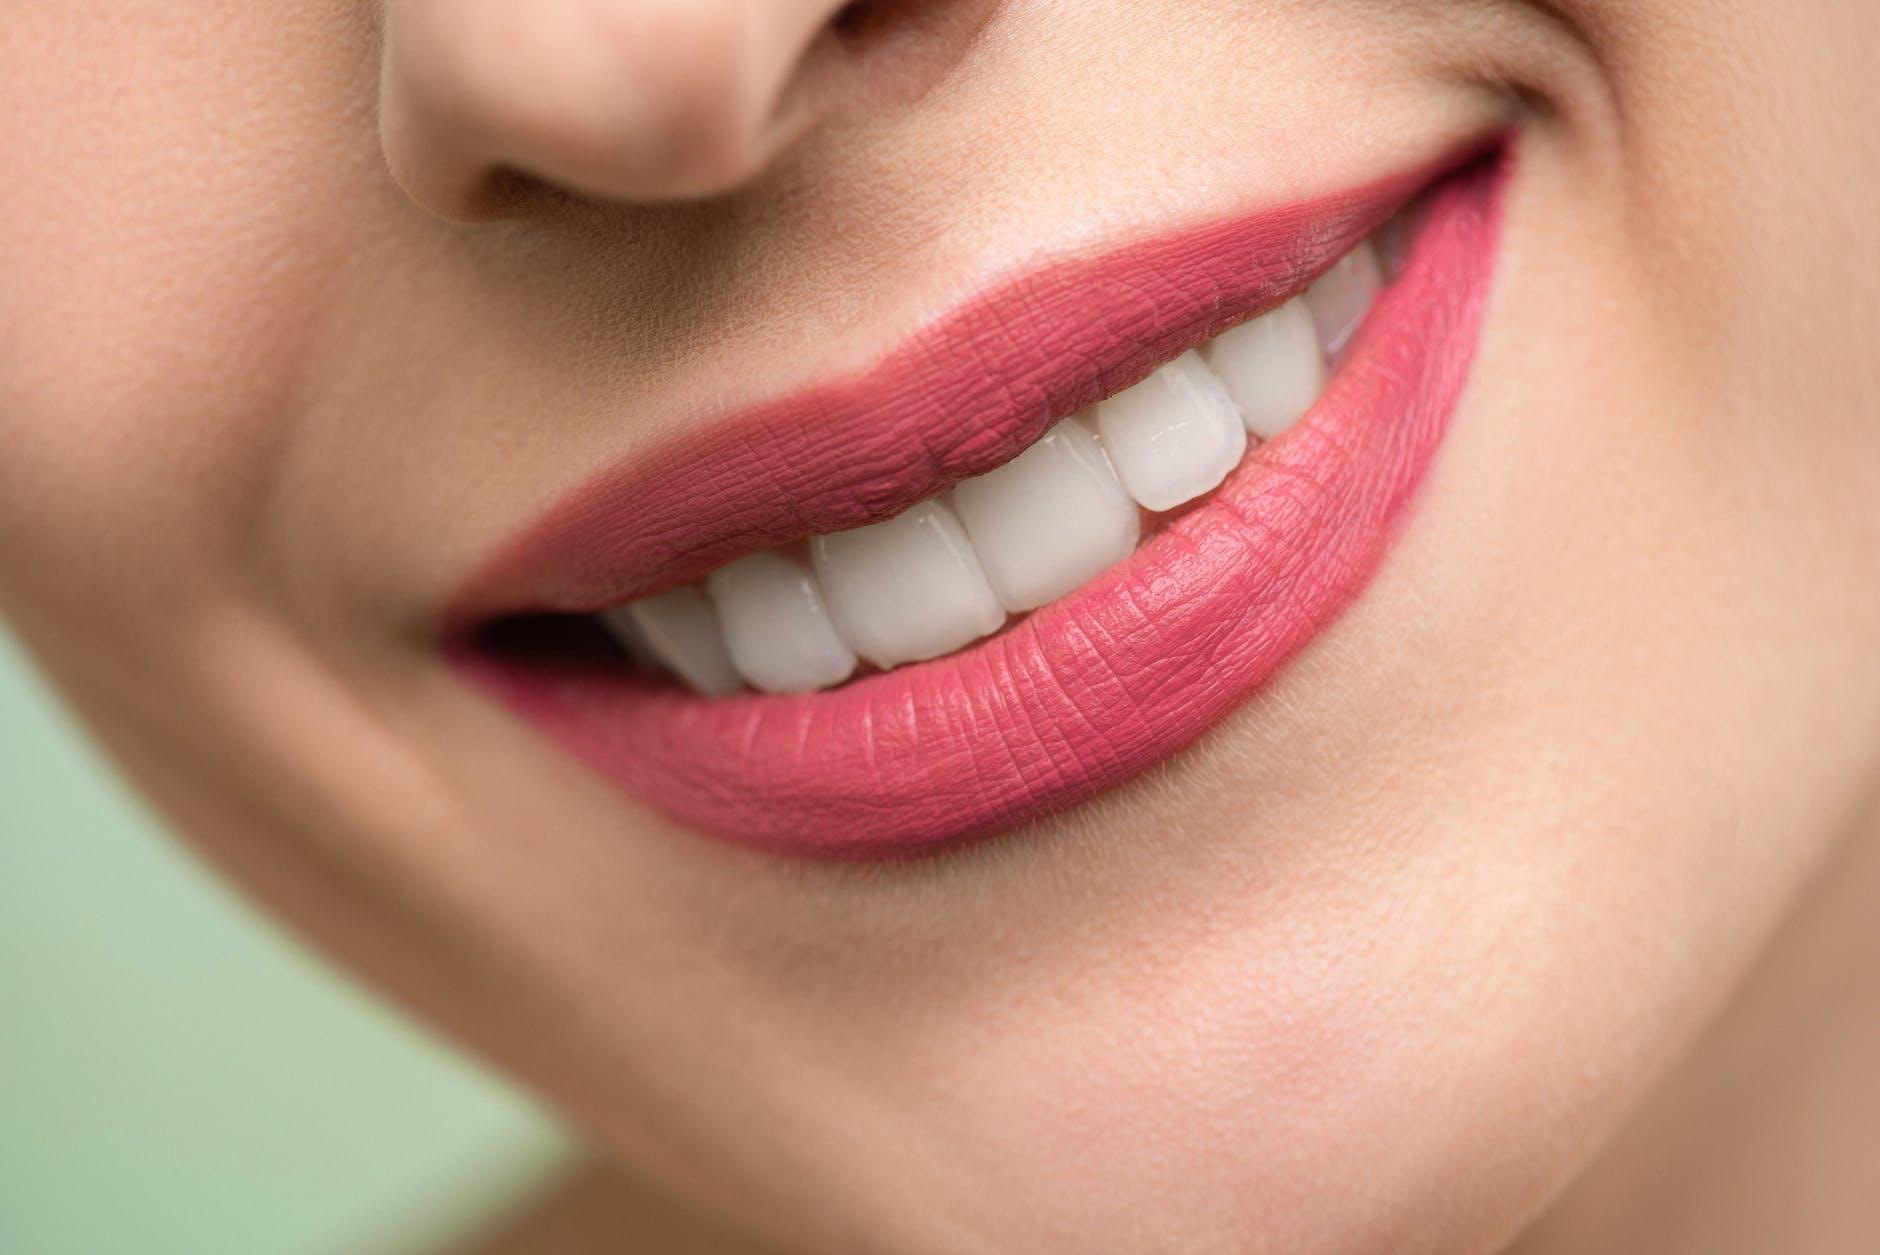 Desgaste dental, las causas de uno de los problemas más comunes en nuestra sociedad